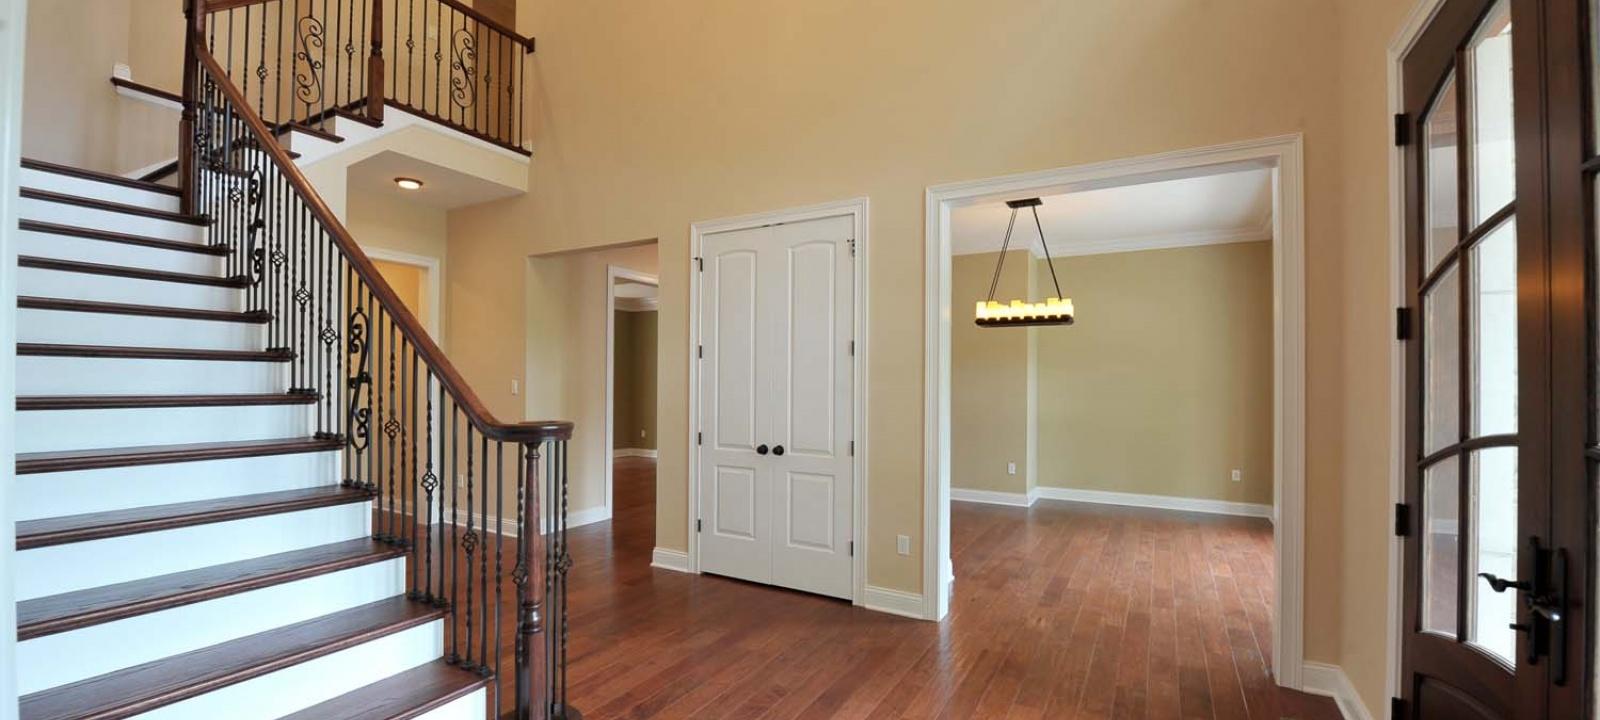 8 Terrace Gardens, Frontenac, Missouri 63131, 5 Bedrooms Bedrooms, ,5 BathroomsBathrooms,House,Completed,Terrace Gardens,1017